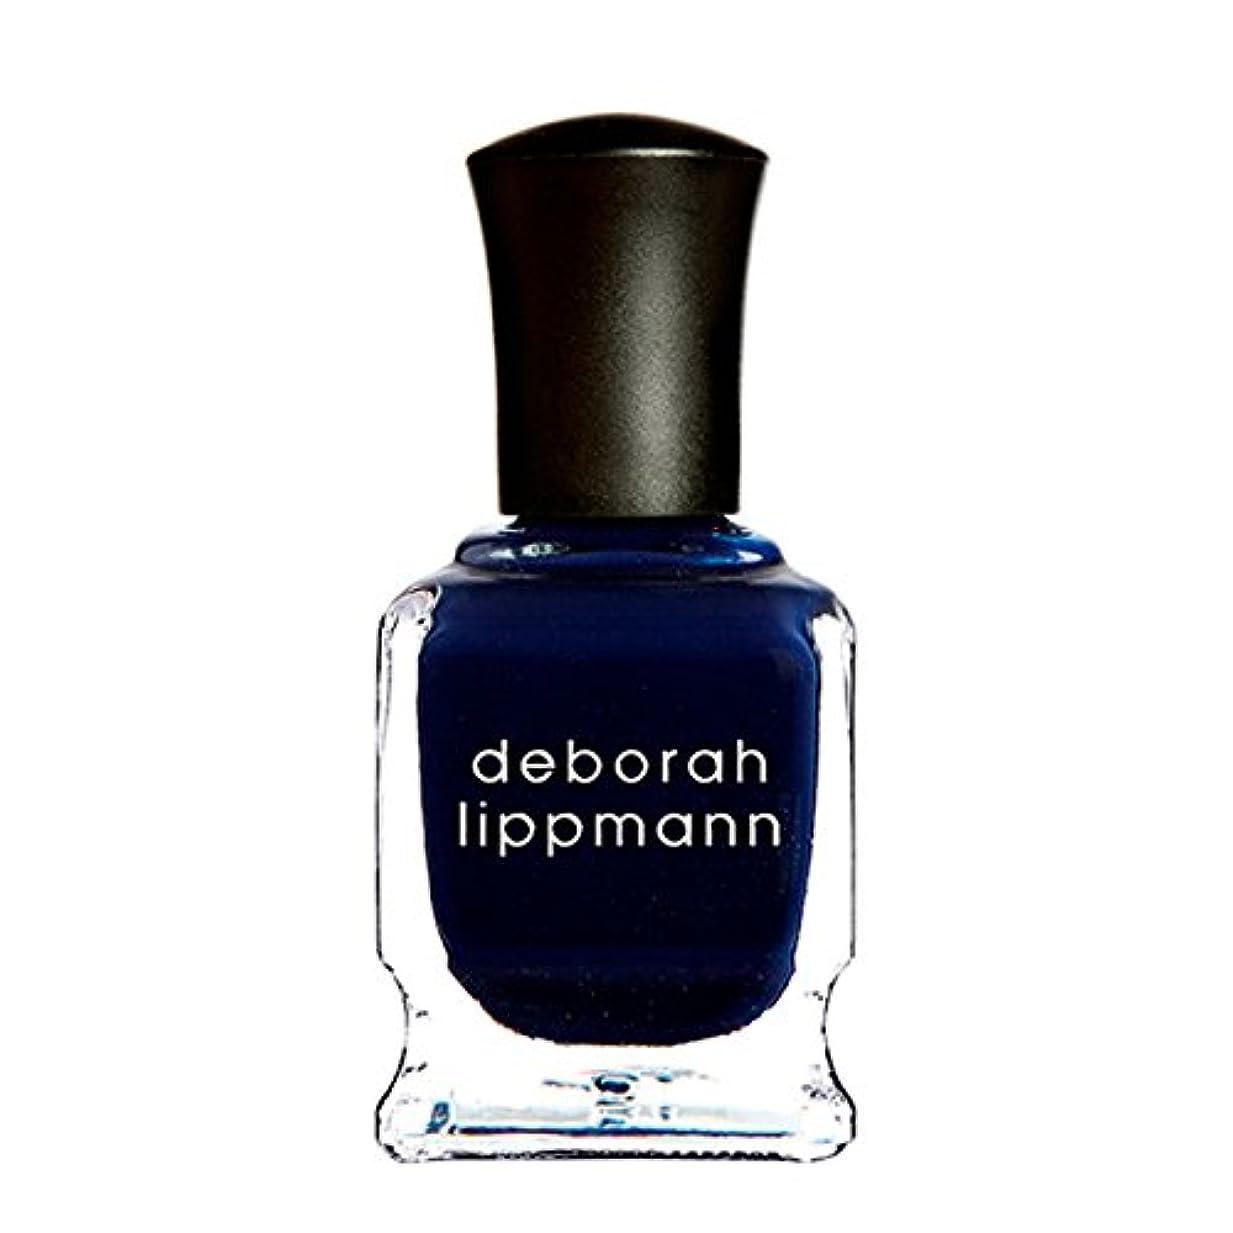 無謀馬鹿げた領収書[Deborah Lippmann] [ デボラリップマン] ローリングインザディープ (Rolling in the Deep) 色:ミッドナイトブルー ネイルカラー系統:ブルー 15mL